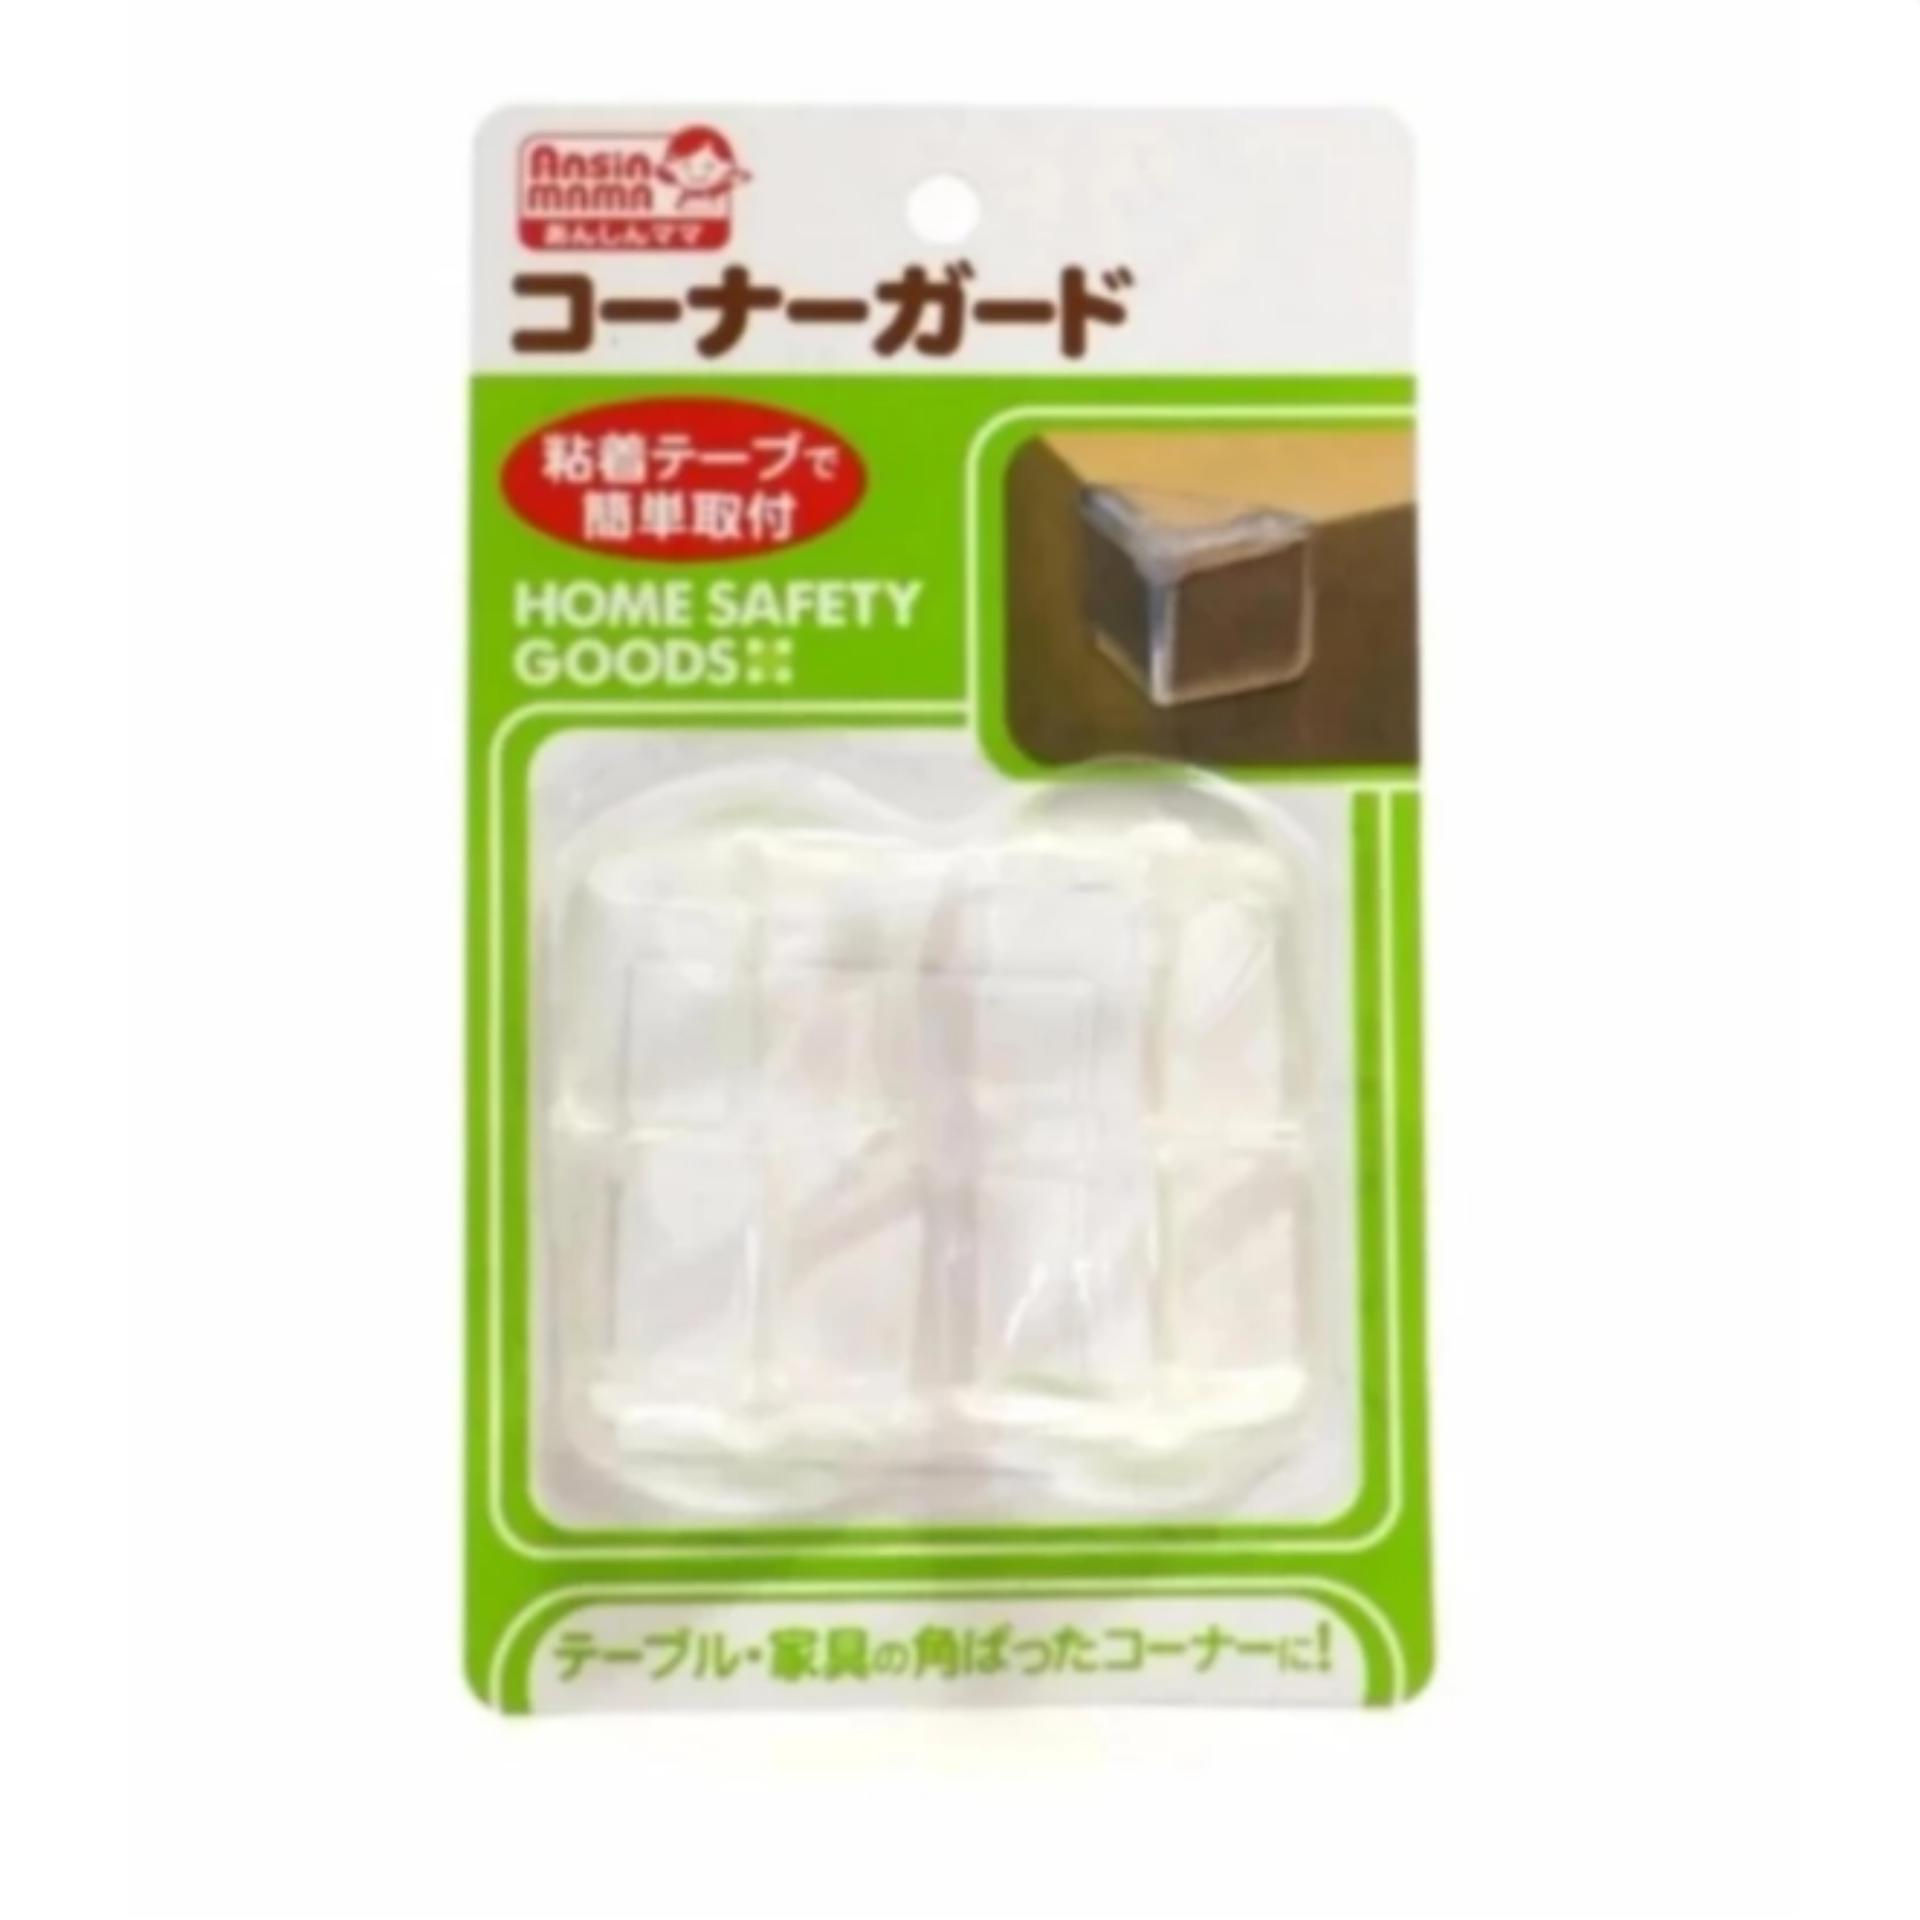 Set 4 bịt cạnh bàn silicon an toàn cho bé (Japan)